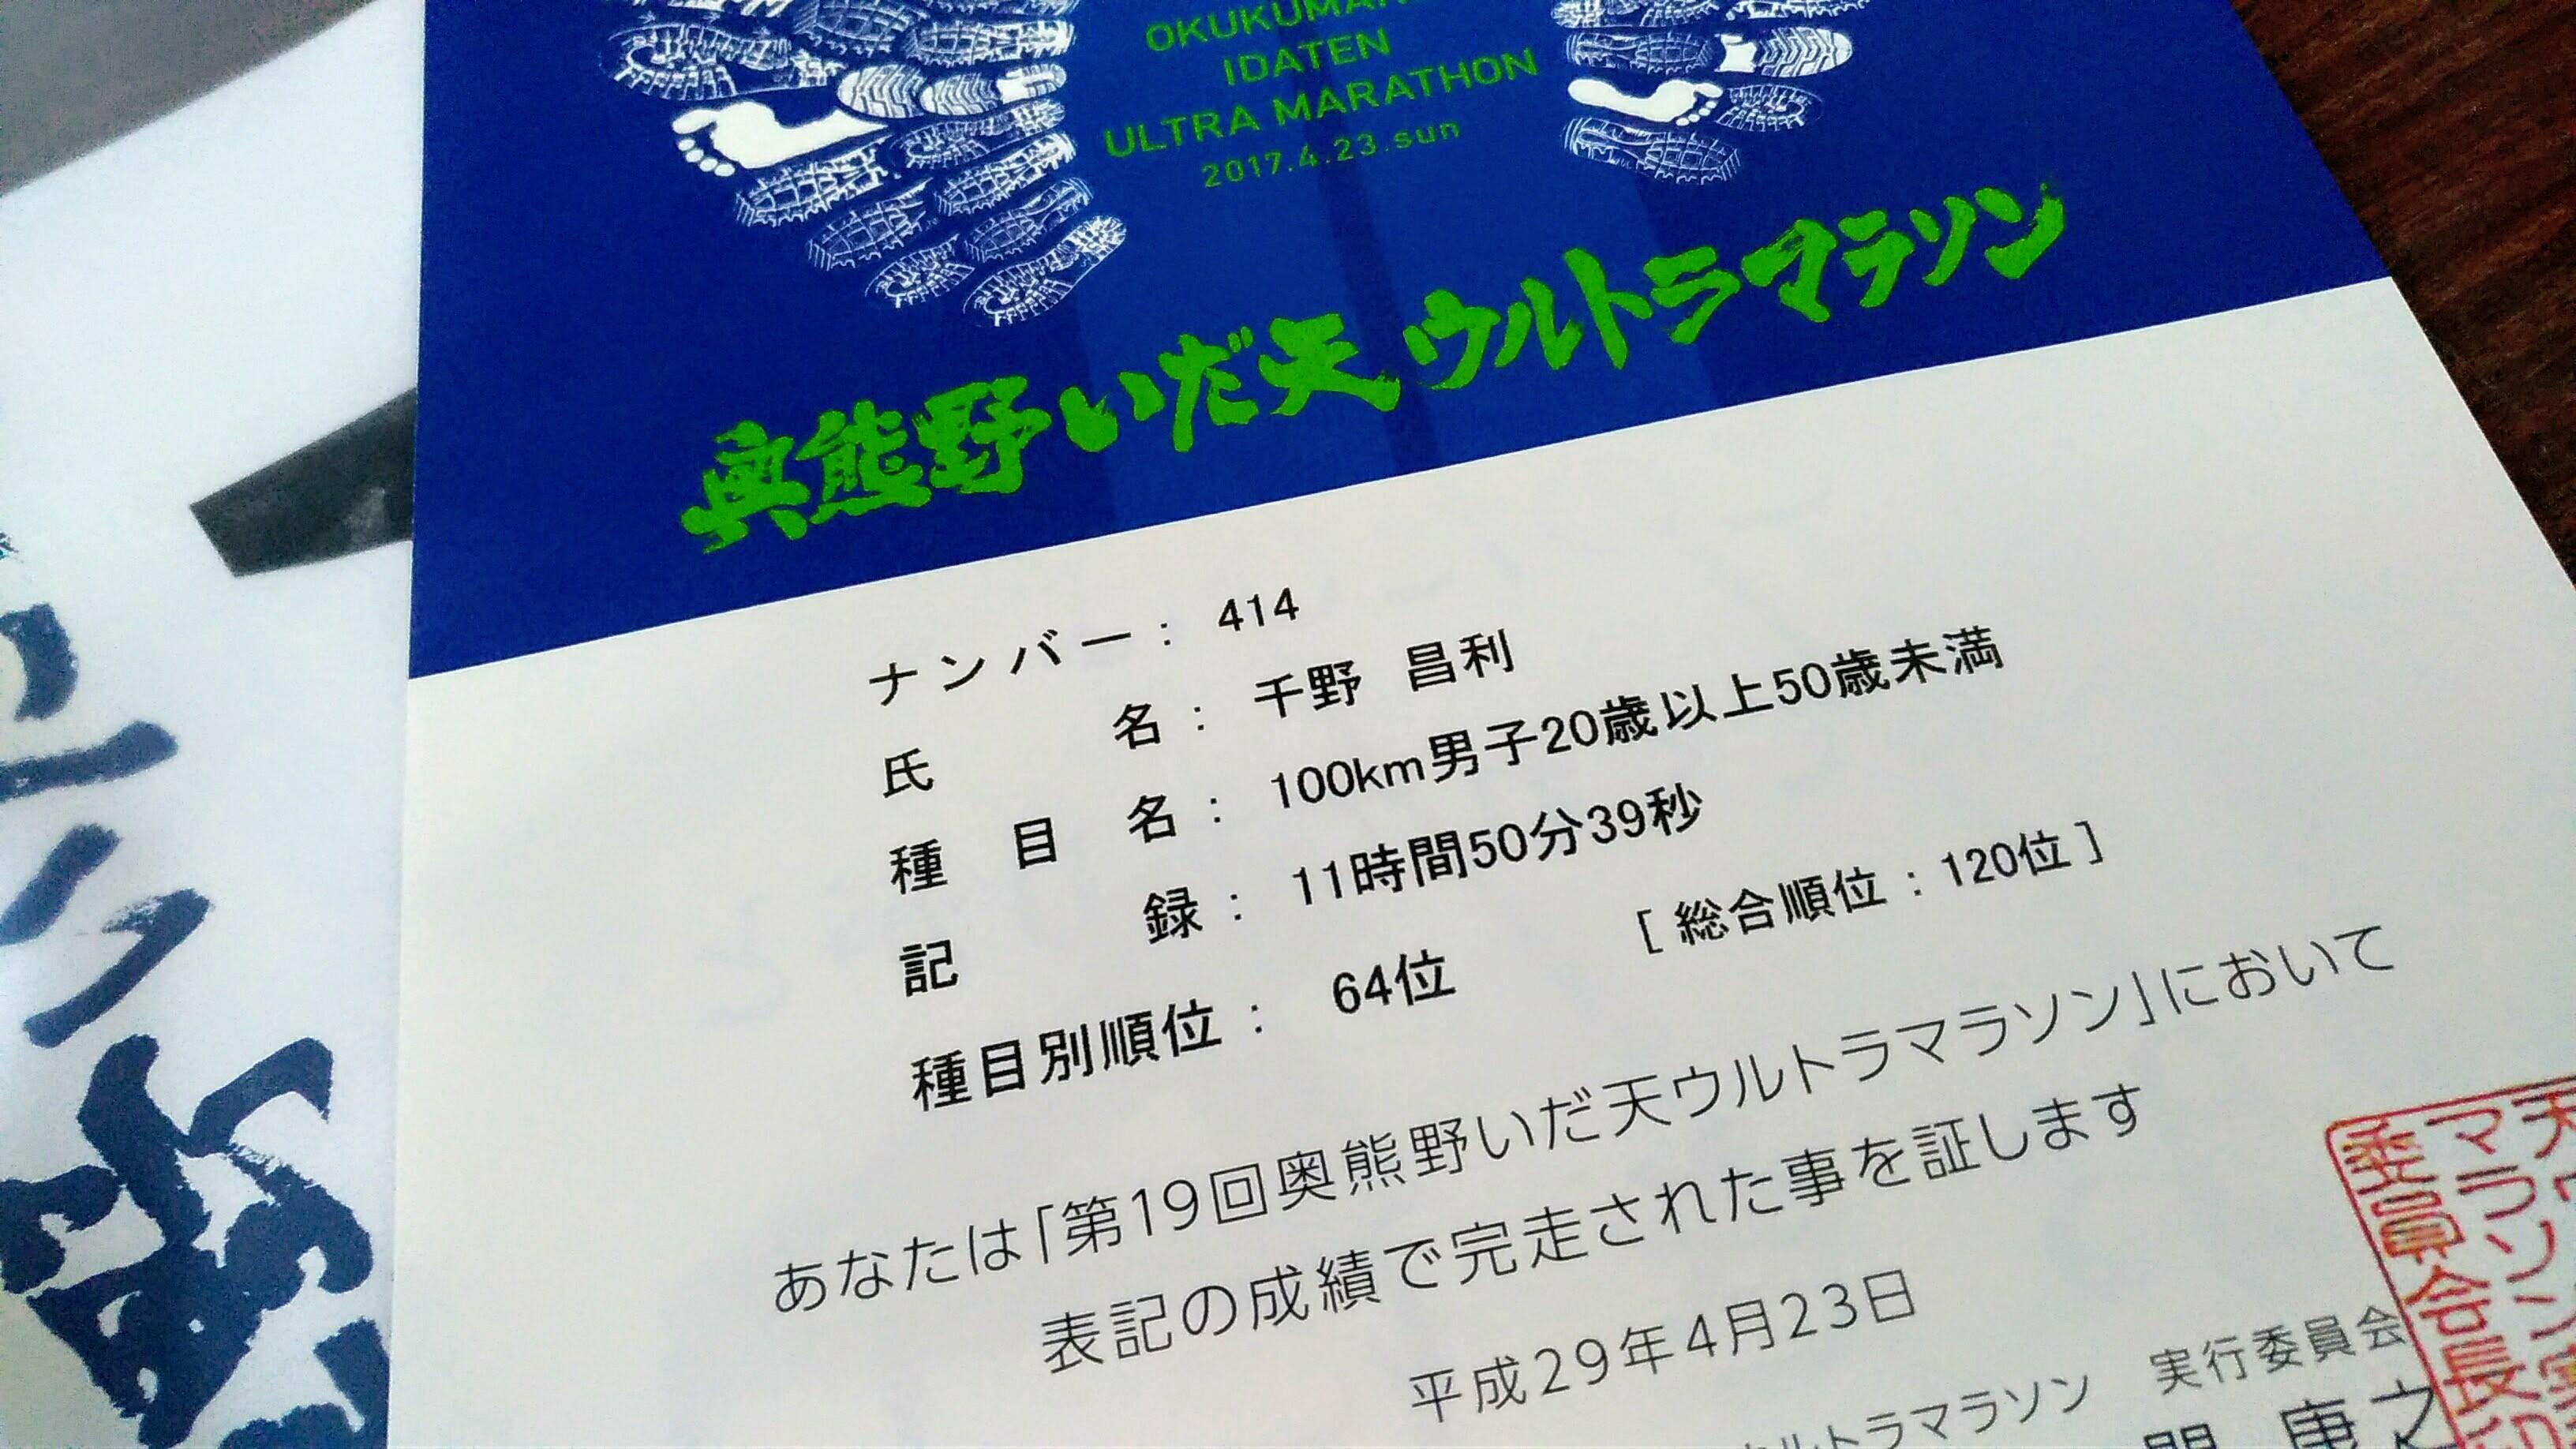 奥熊野ウルトラマラソン結果